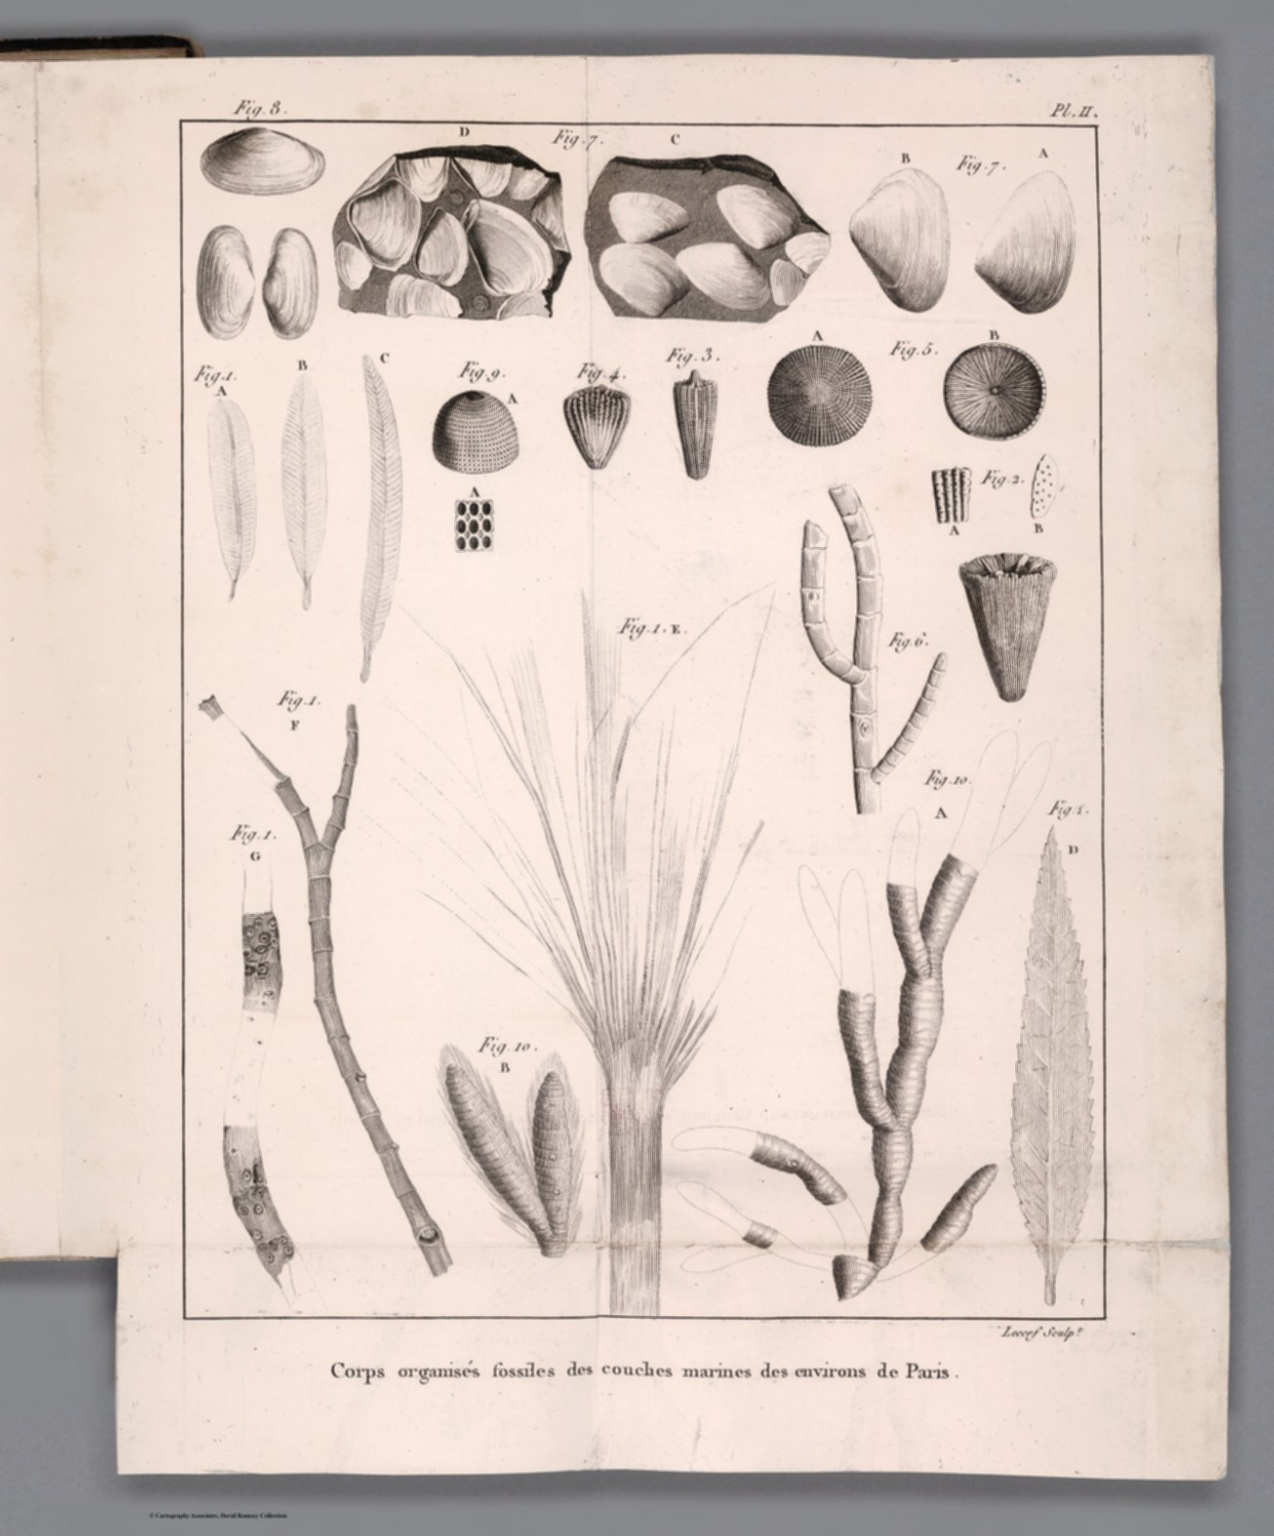 Pl. II. Corps organises fossiles des couches marines des environs de Paris